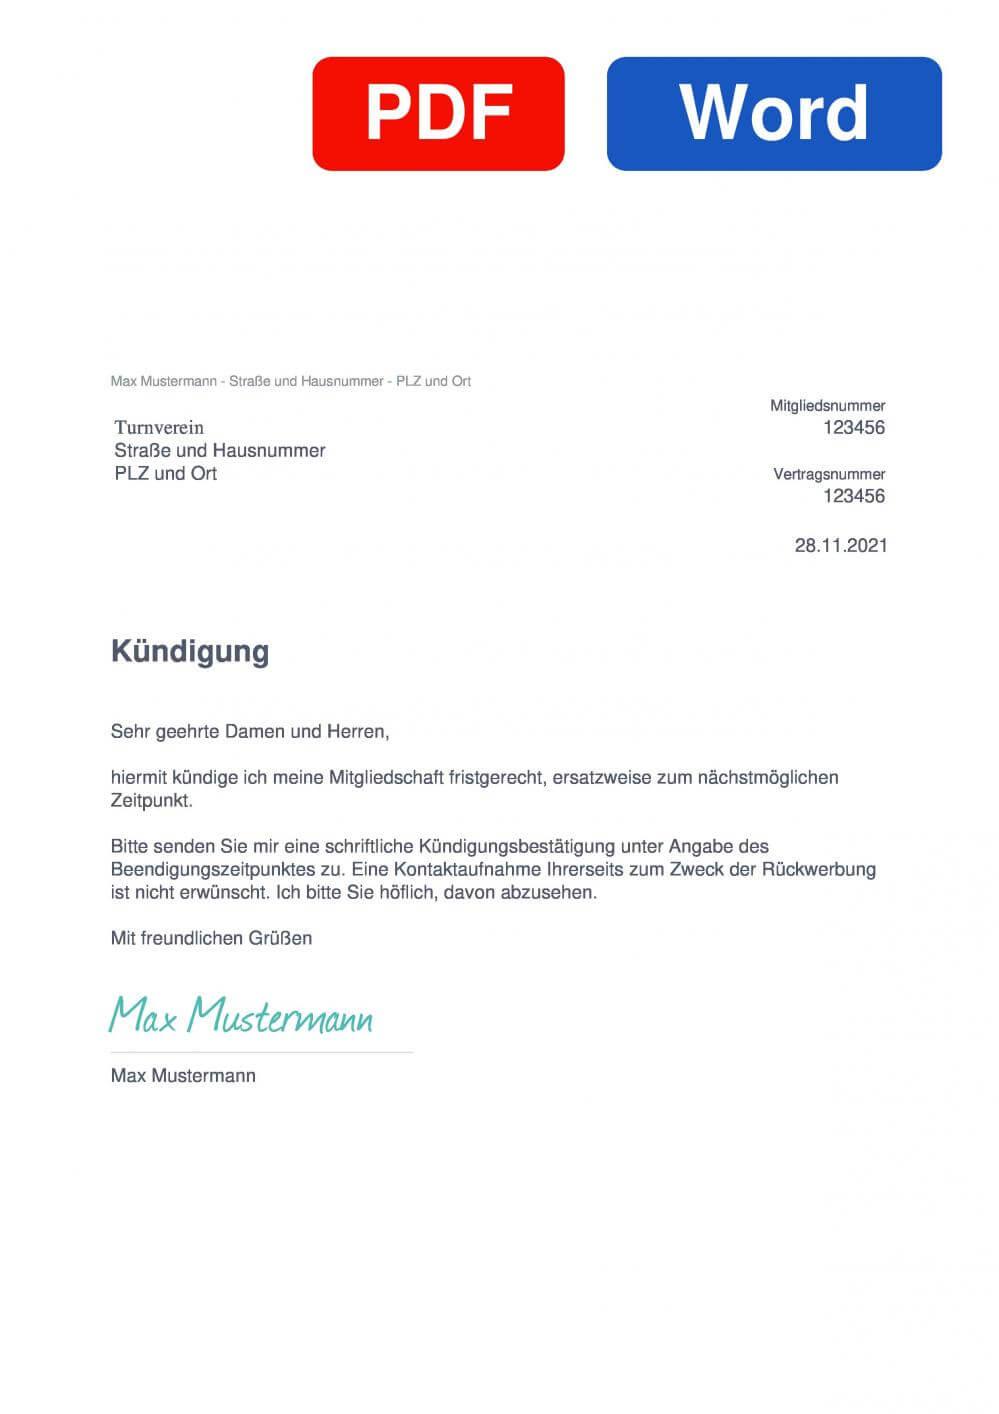 Turnverein Muster Vorlage für Kündigungsschreiben